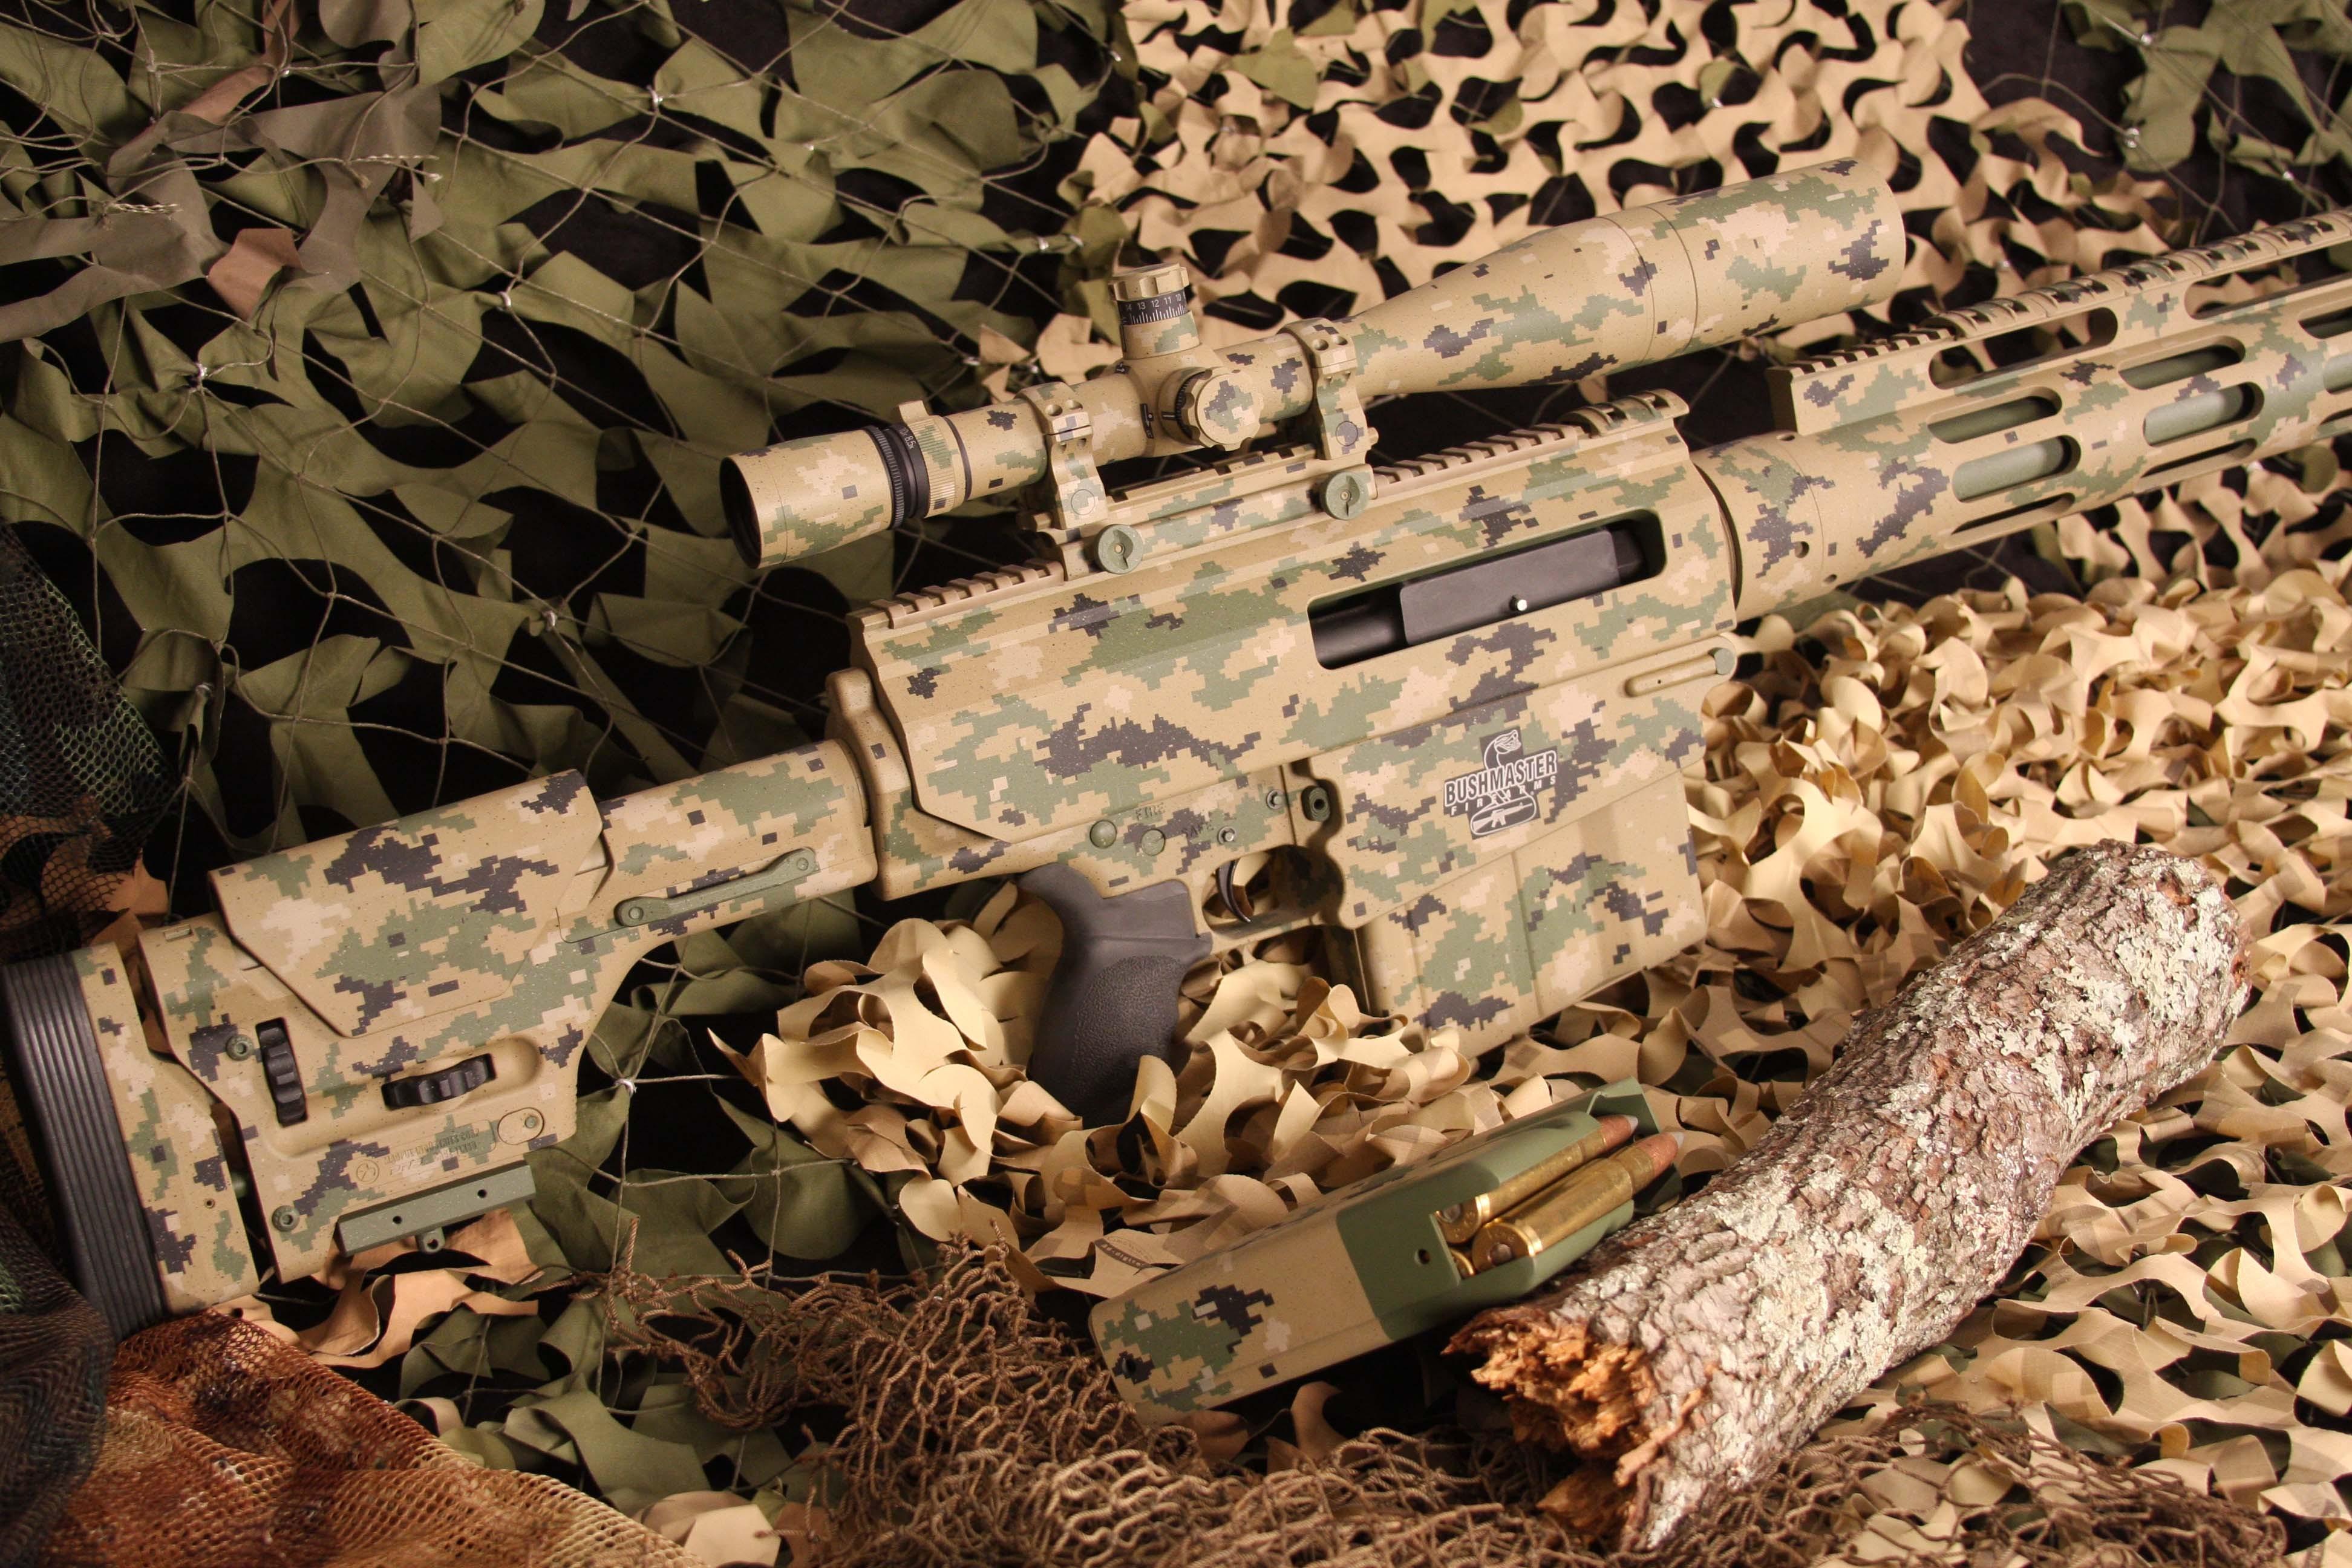 Wallpaper Bushmaster BA50 Sniper Rifle Carbine Scope